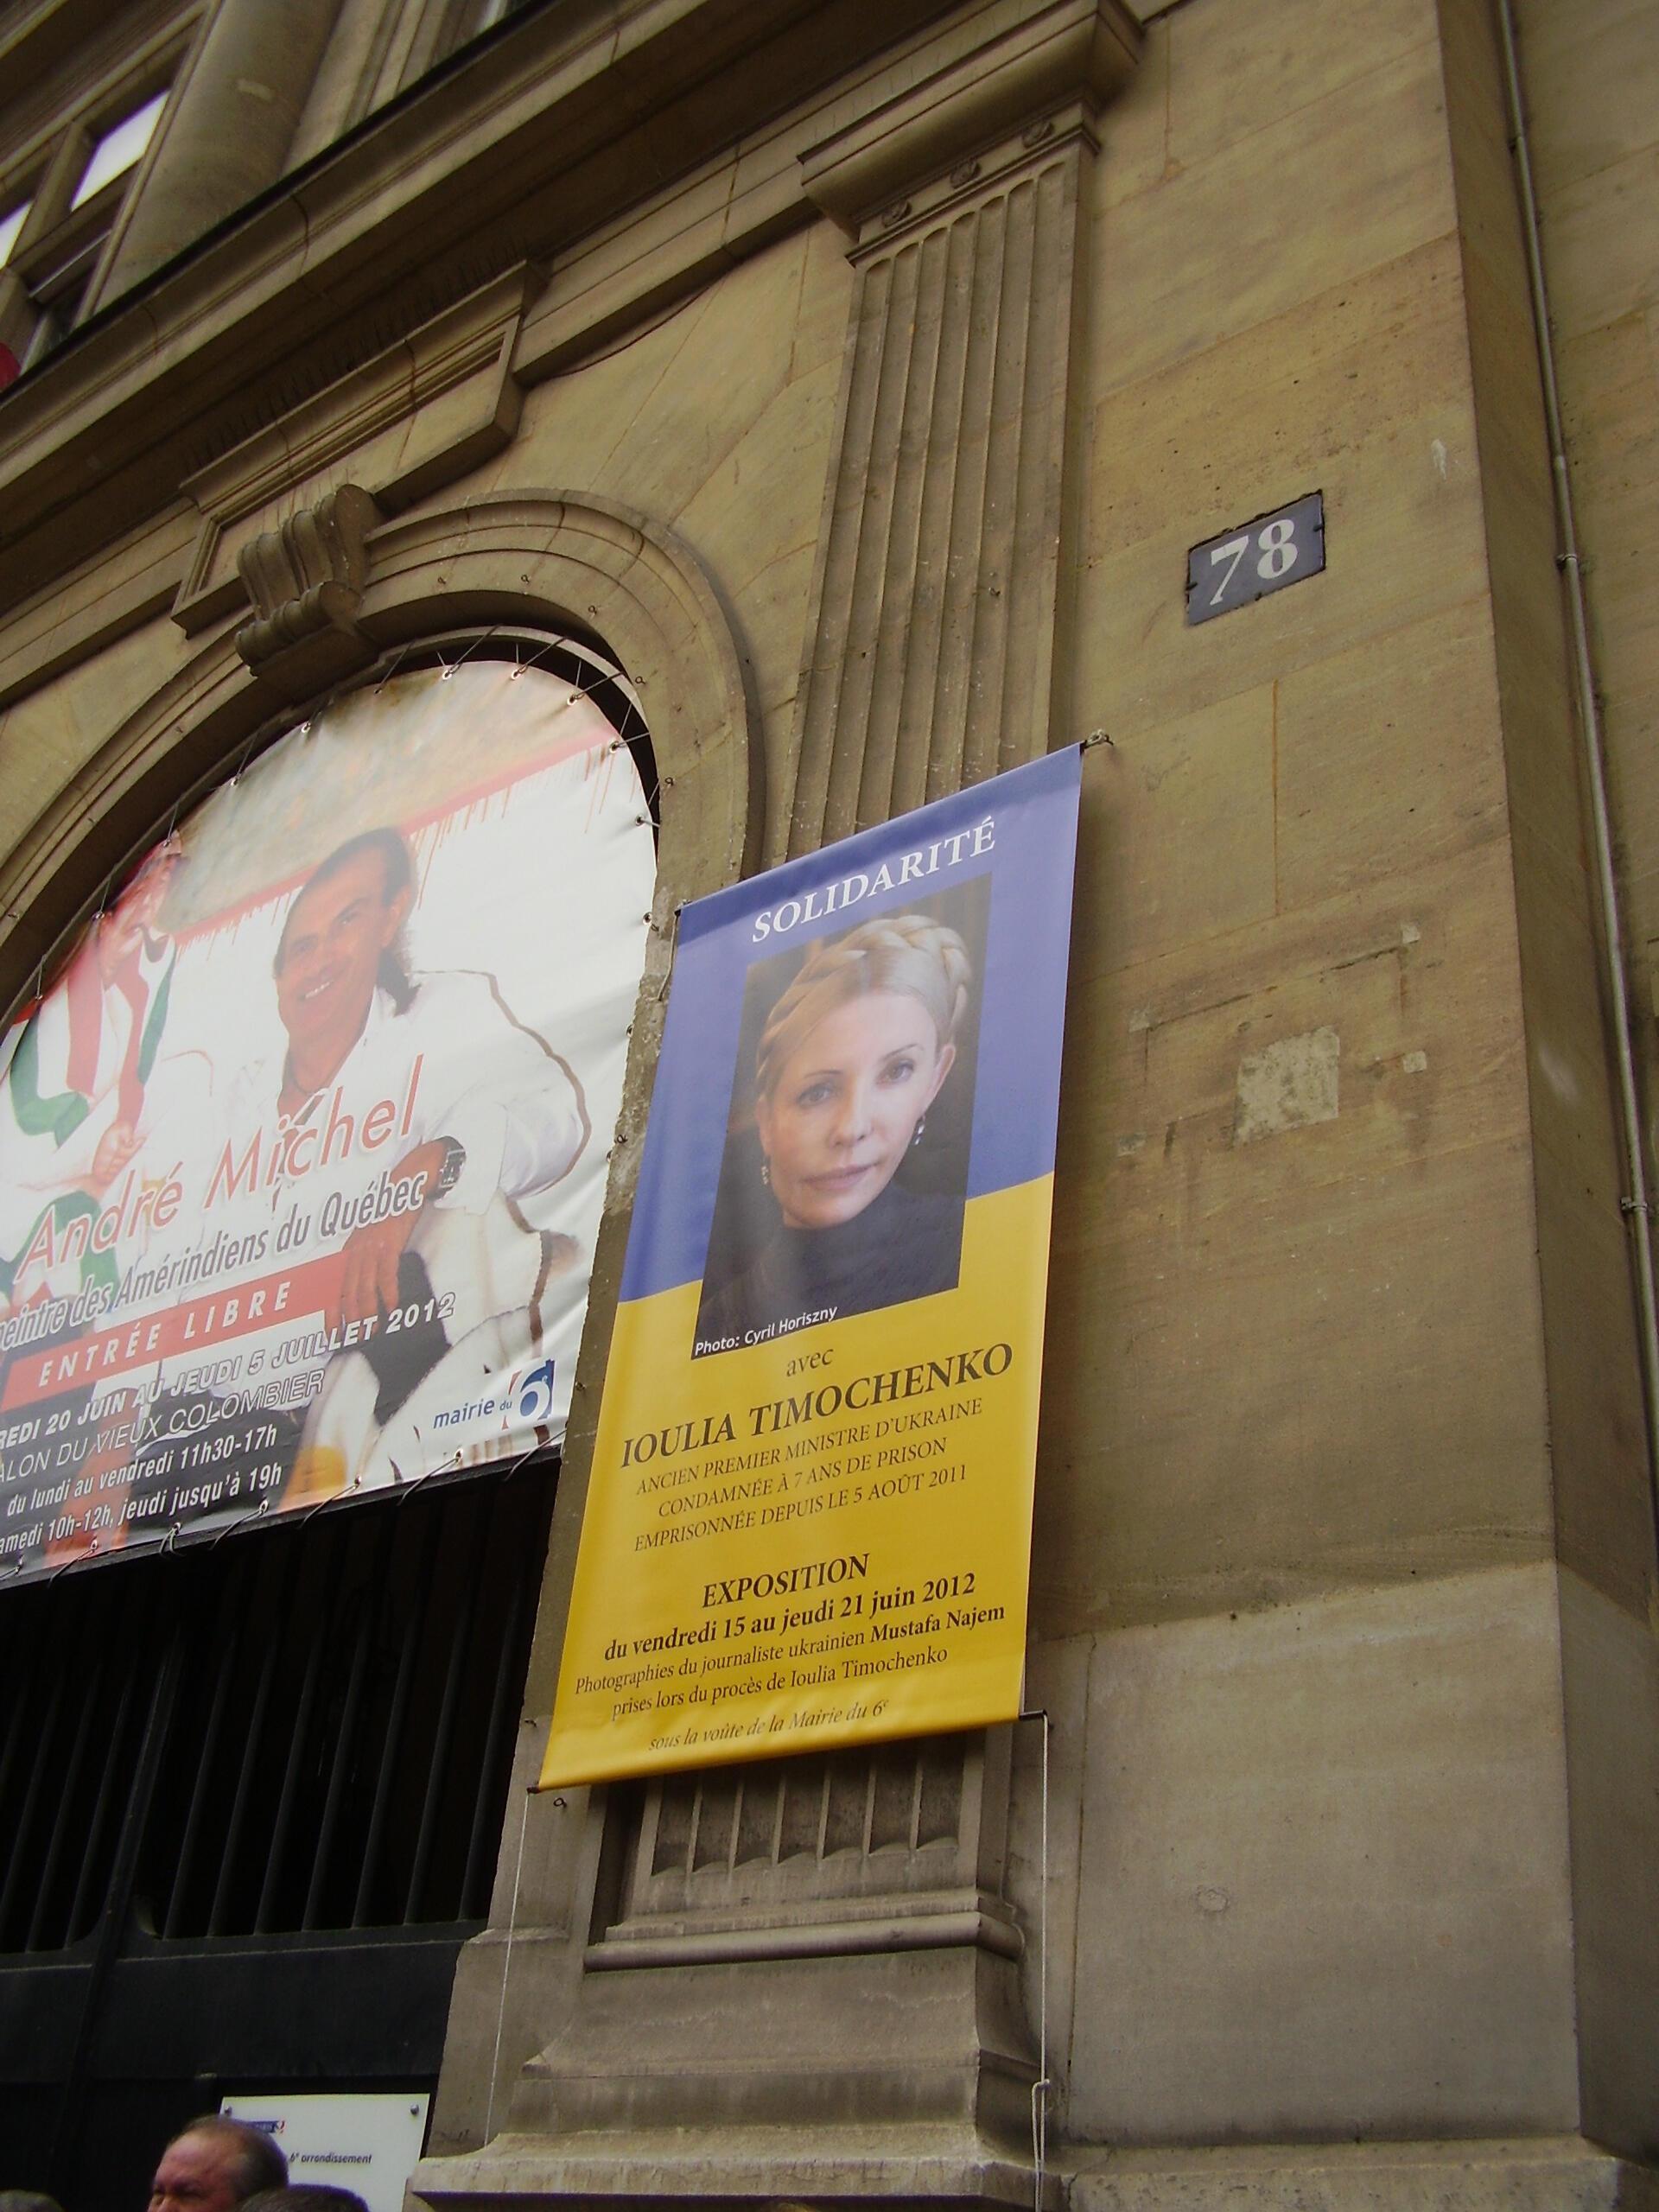 Афиша фотовыставки в VI округе Парижа, посвященной Юлии Тимошенко 15/06/2012